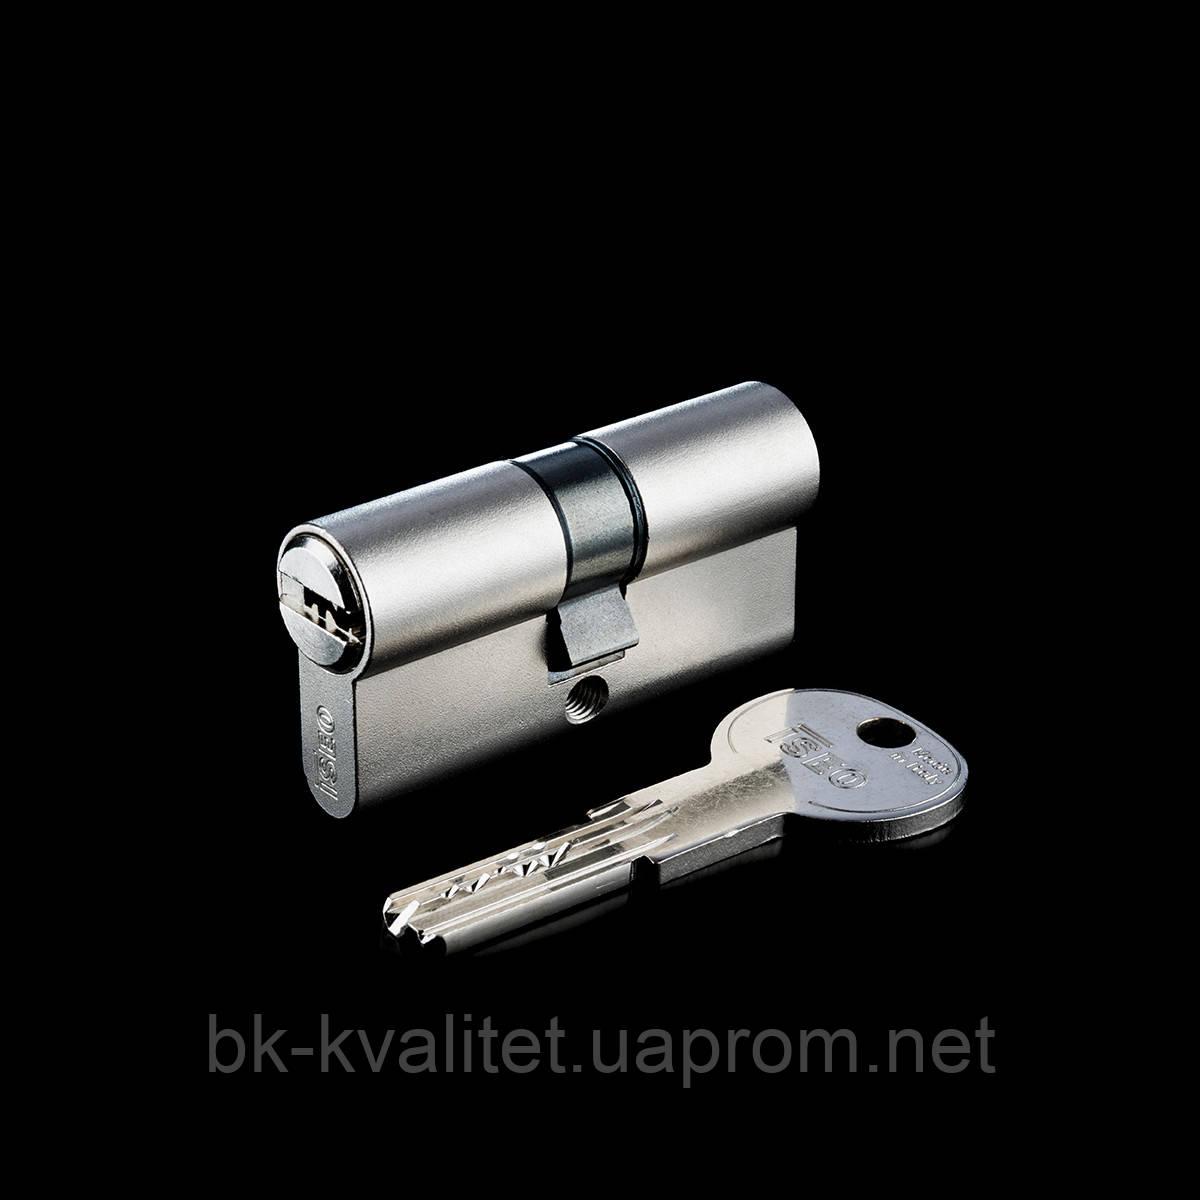 Цилиндр ISEO R6 80 (30х50) ключ/ключ, никель